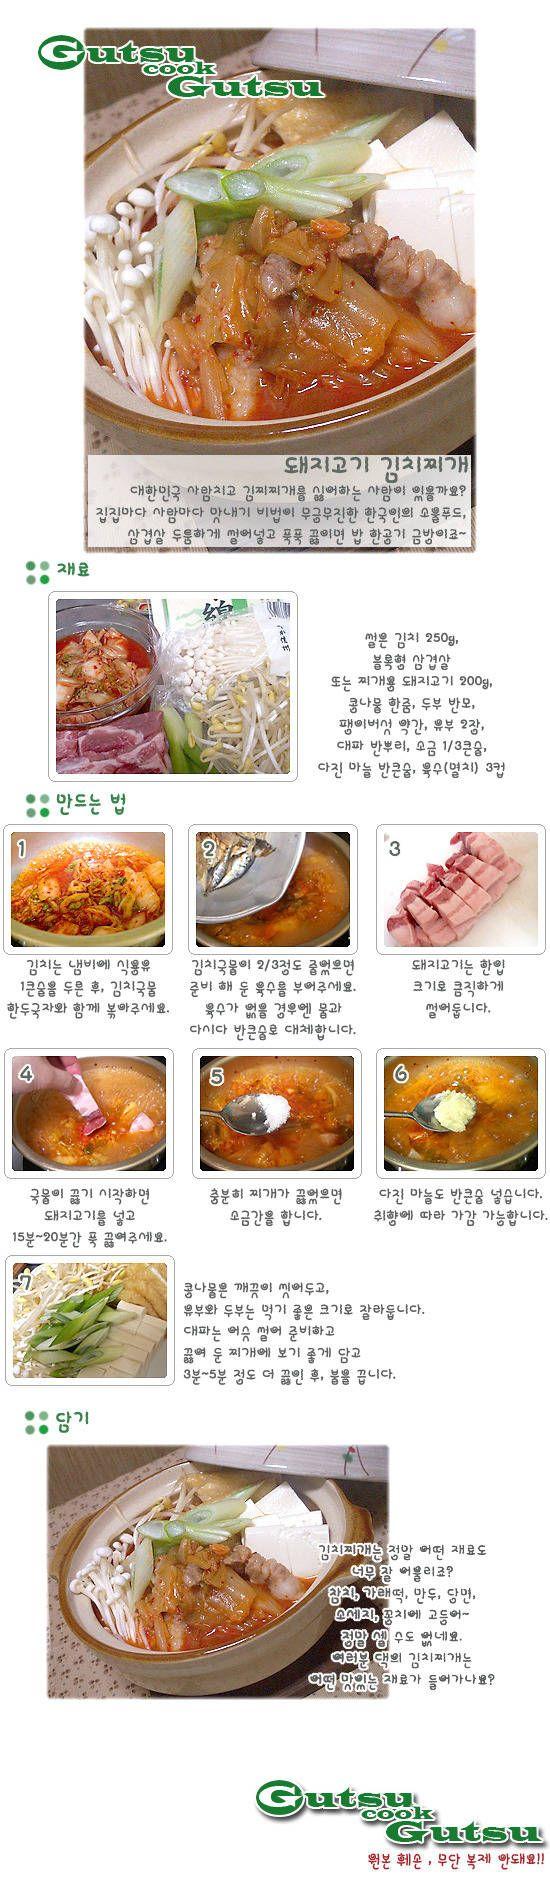 대한민국 소울푸드~ 돼지고기 김치찌개!! – 레시피 | Daum 요리